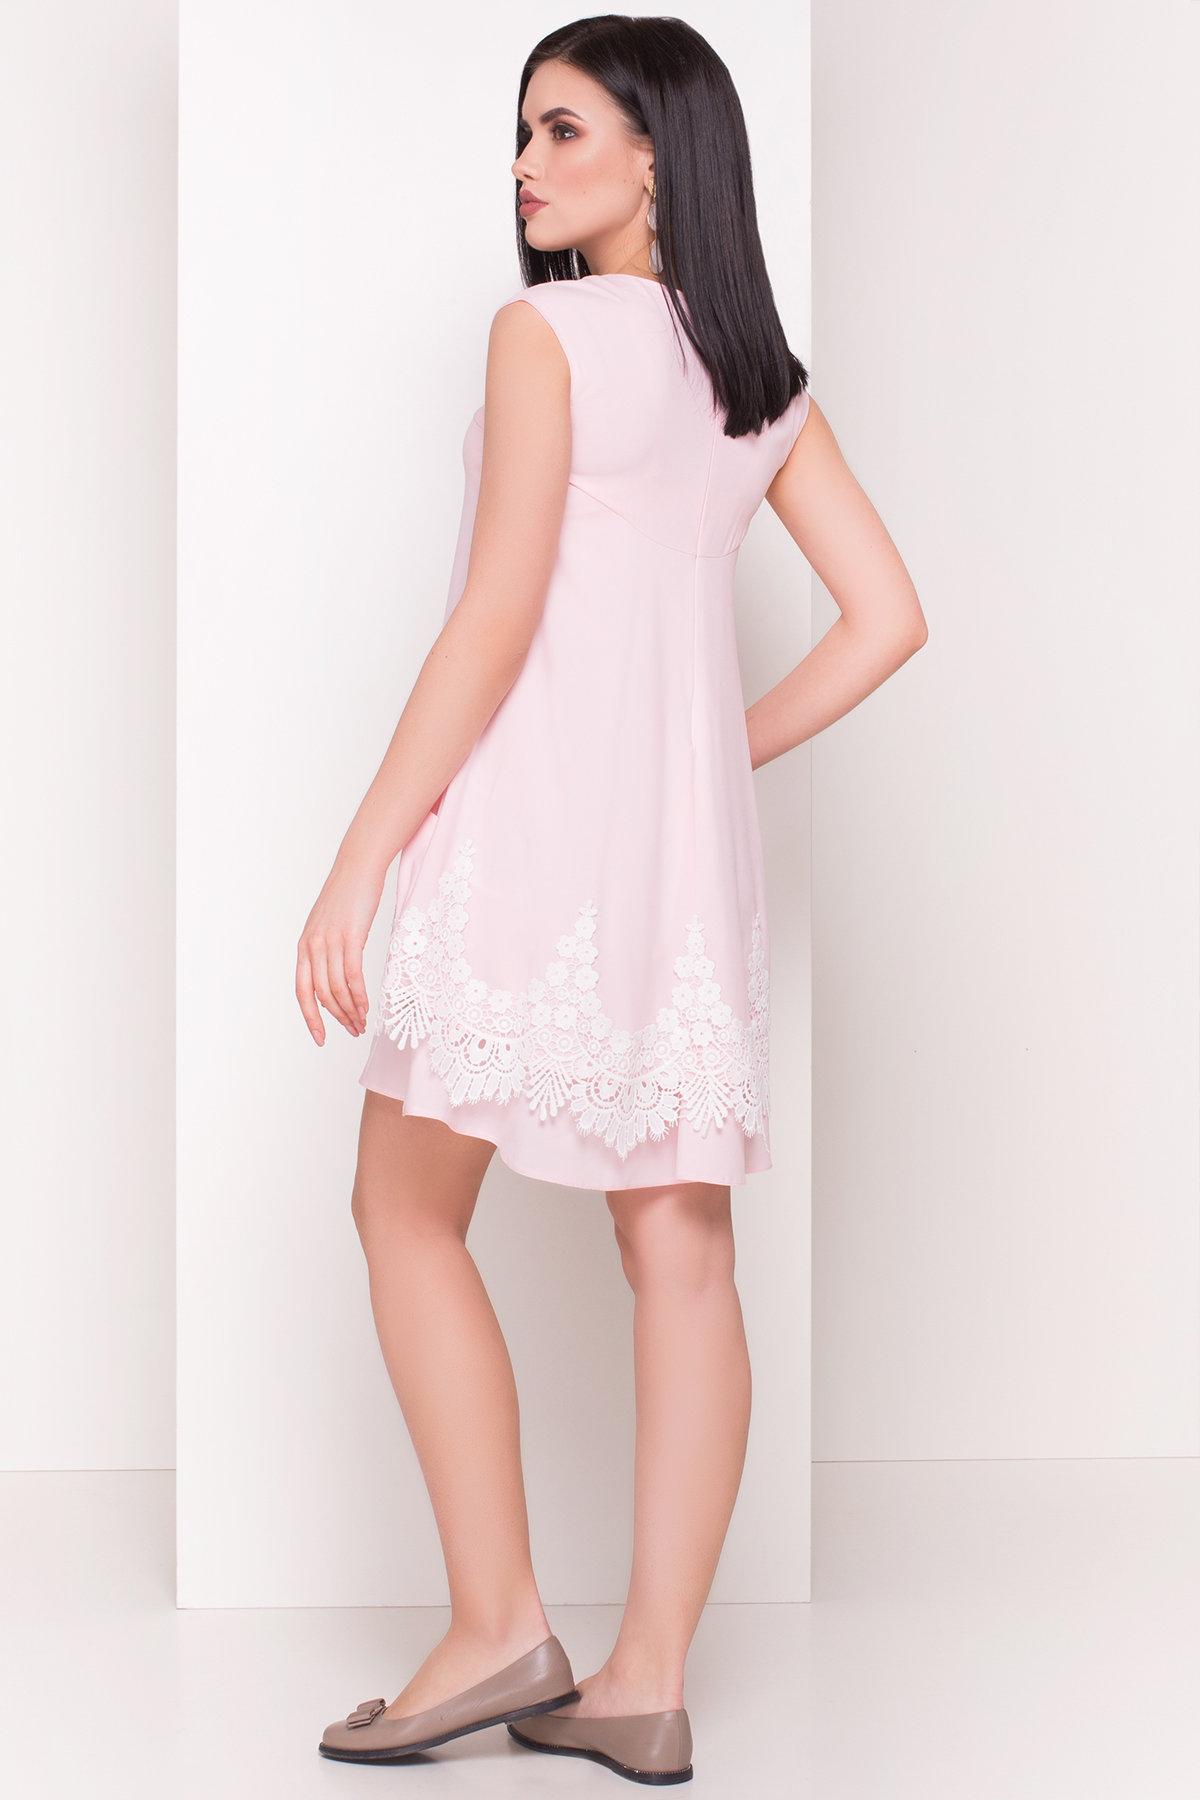 Платье Арвель 4894 АРТ. 34787 Цвет: Розовый - фото 3, интернет магазин tm-modus.ru